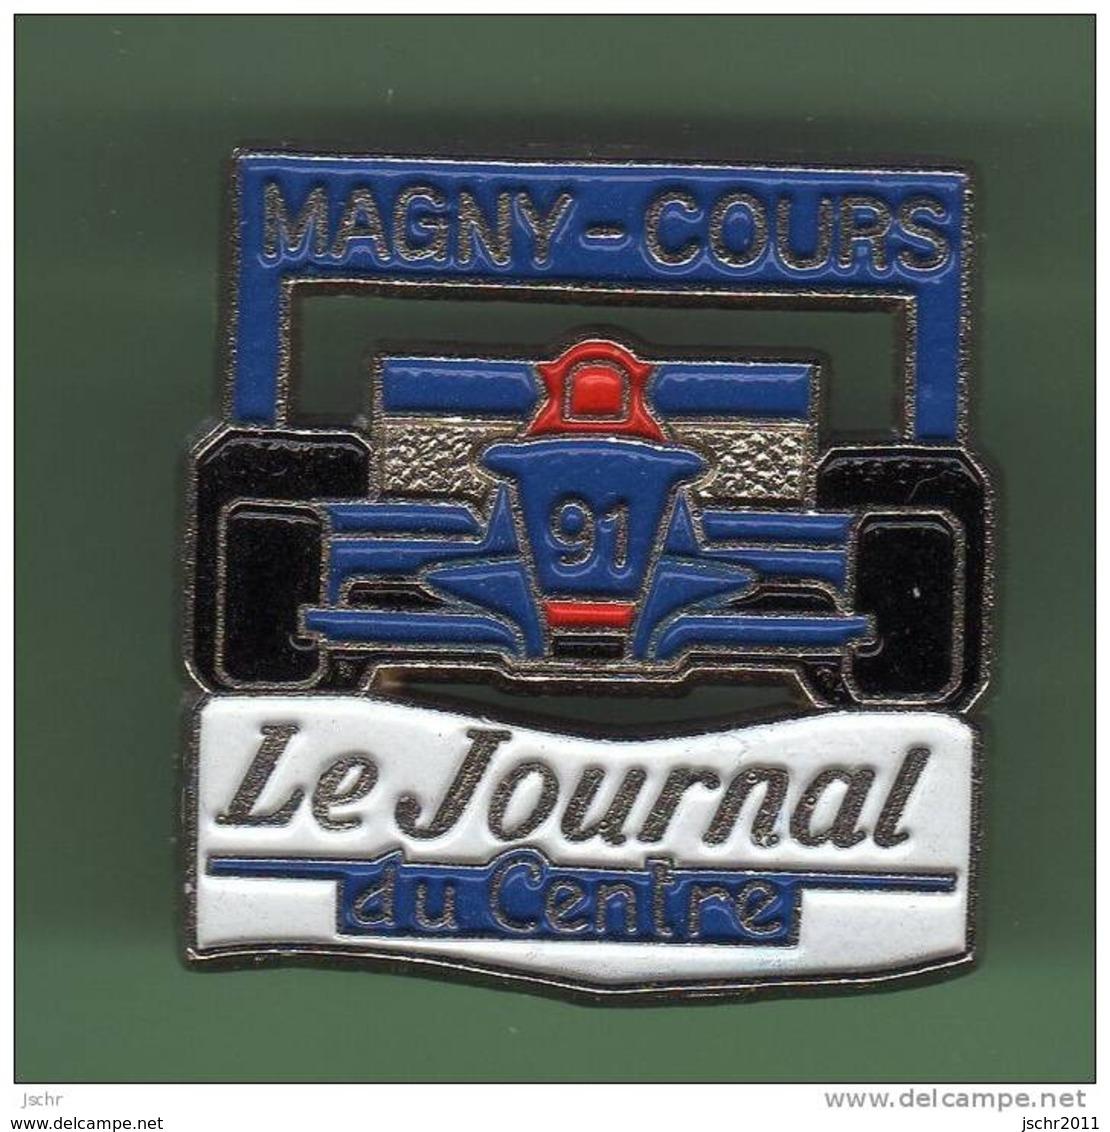 F1 *** MAGNY-COURS 91 *** LE JOURNAL DU CENTRE *** 1047 - Automobile - F1